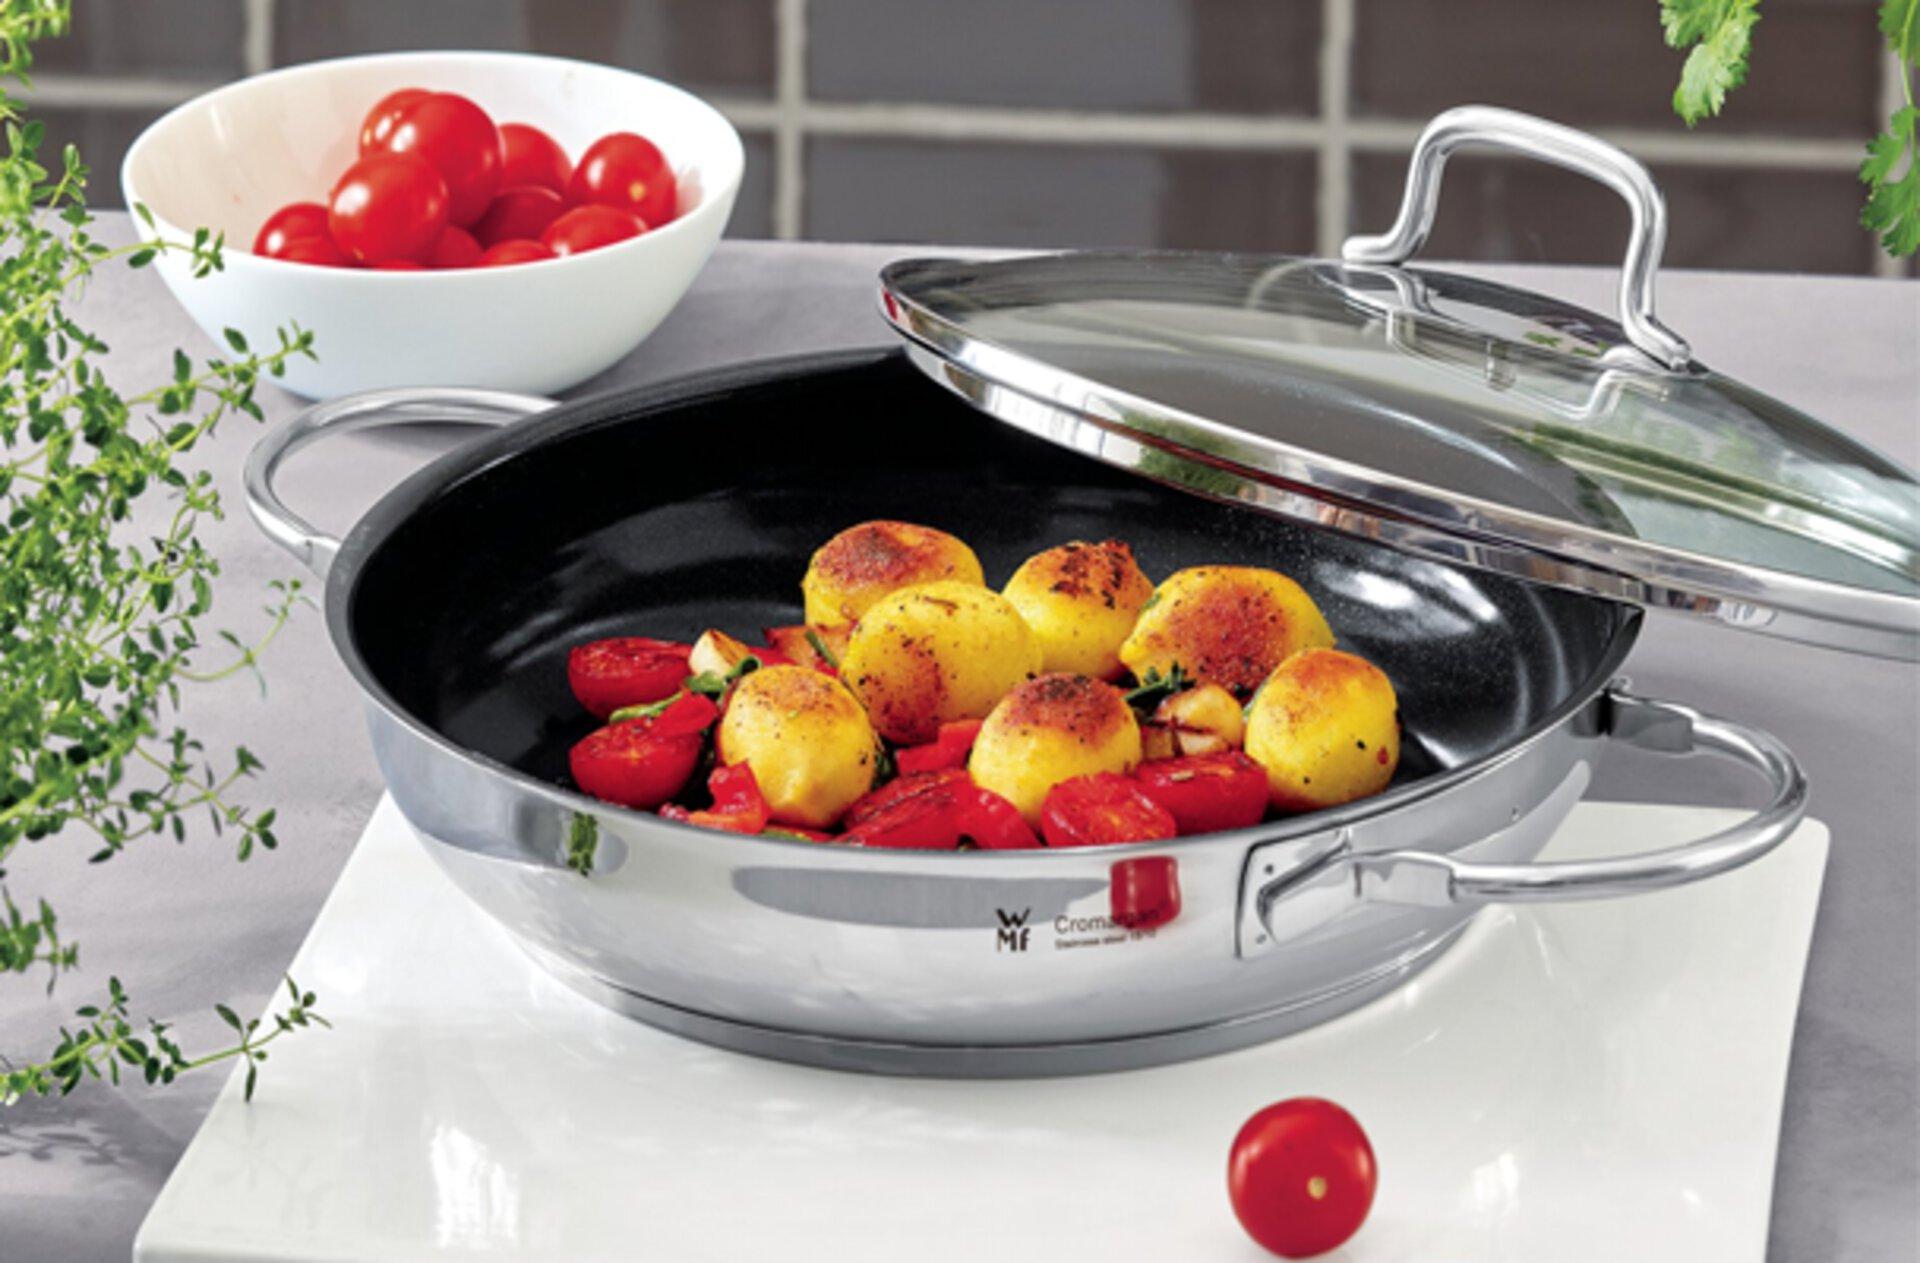 wmf möbel inhofer hausthalt haushaltswaren wok pfanne kochen küche